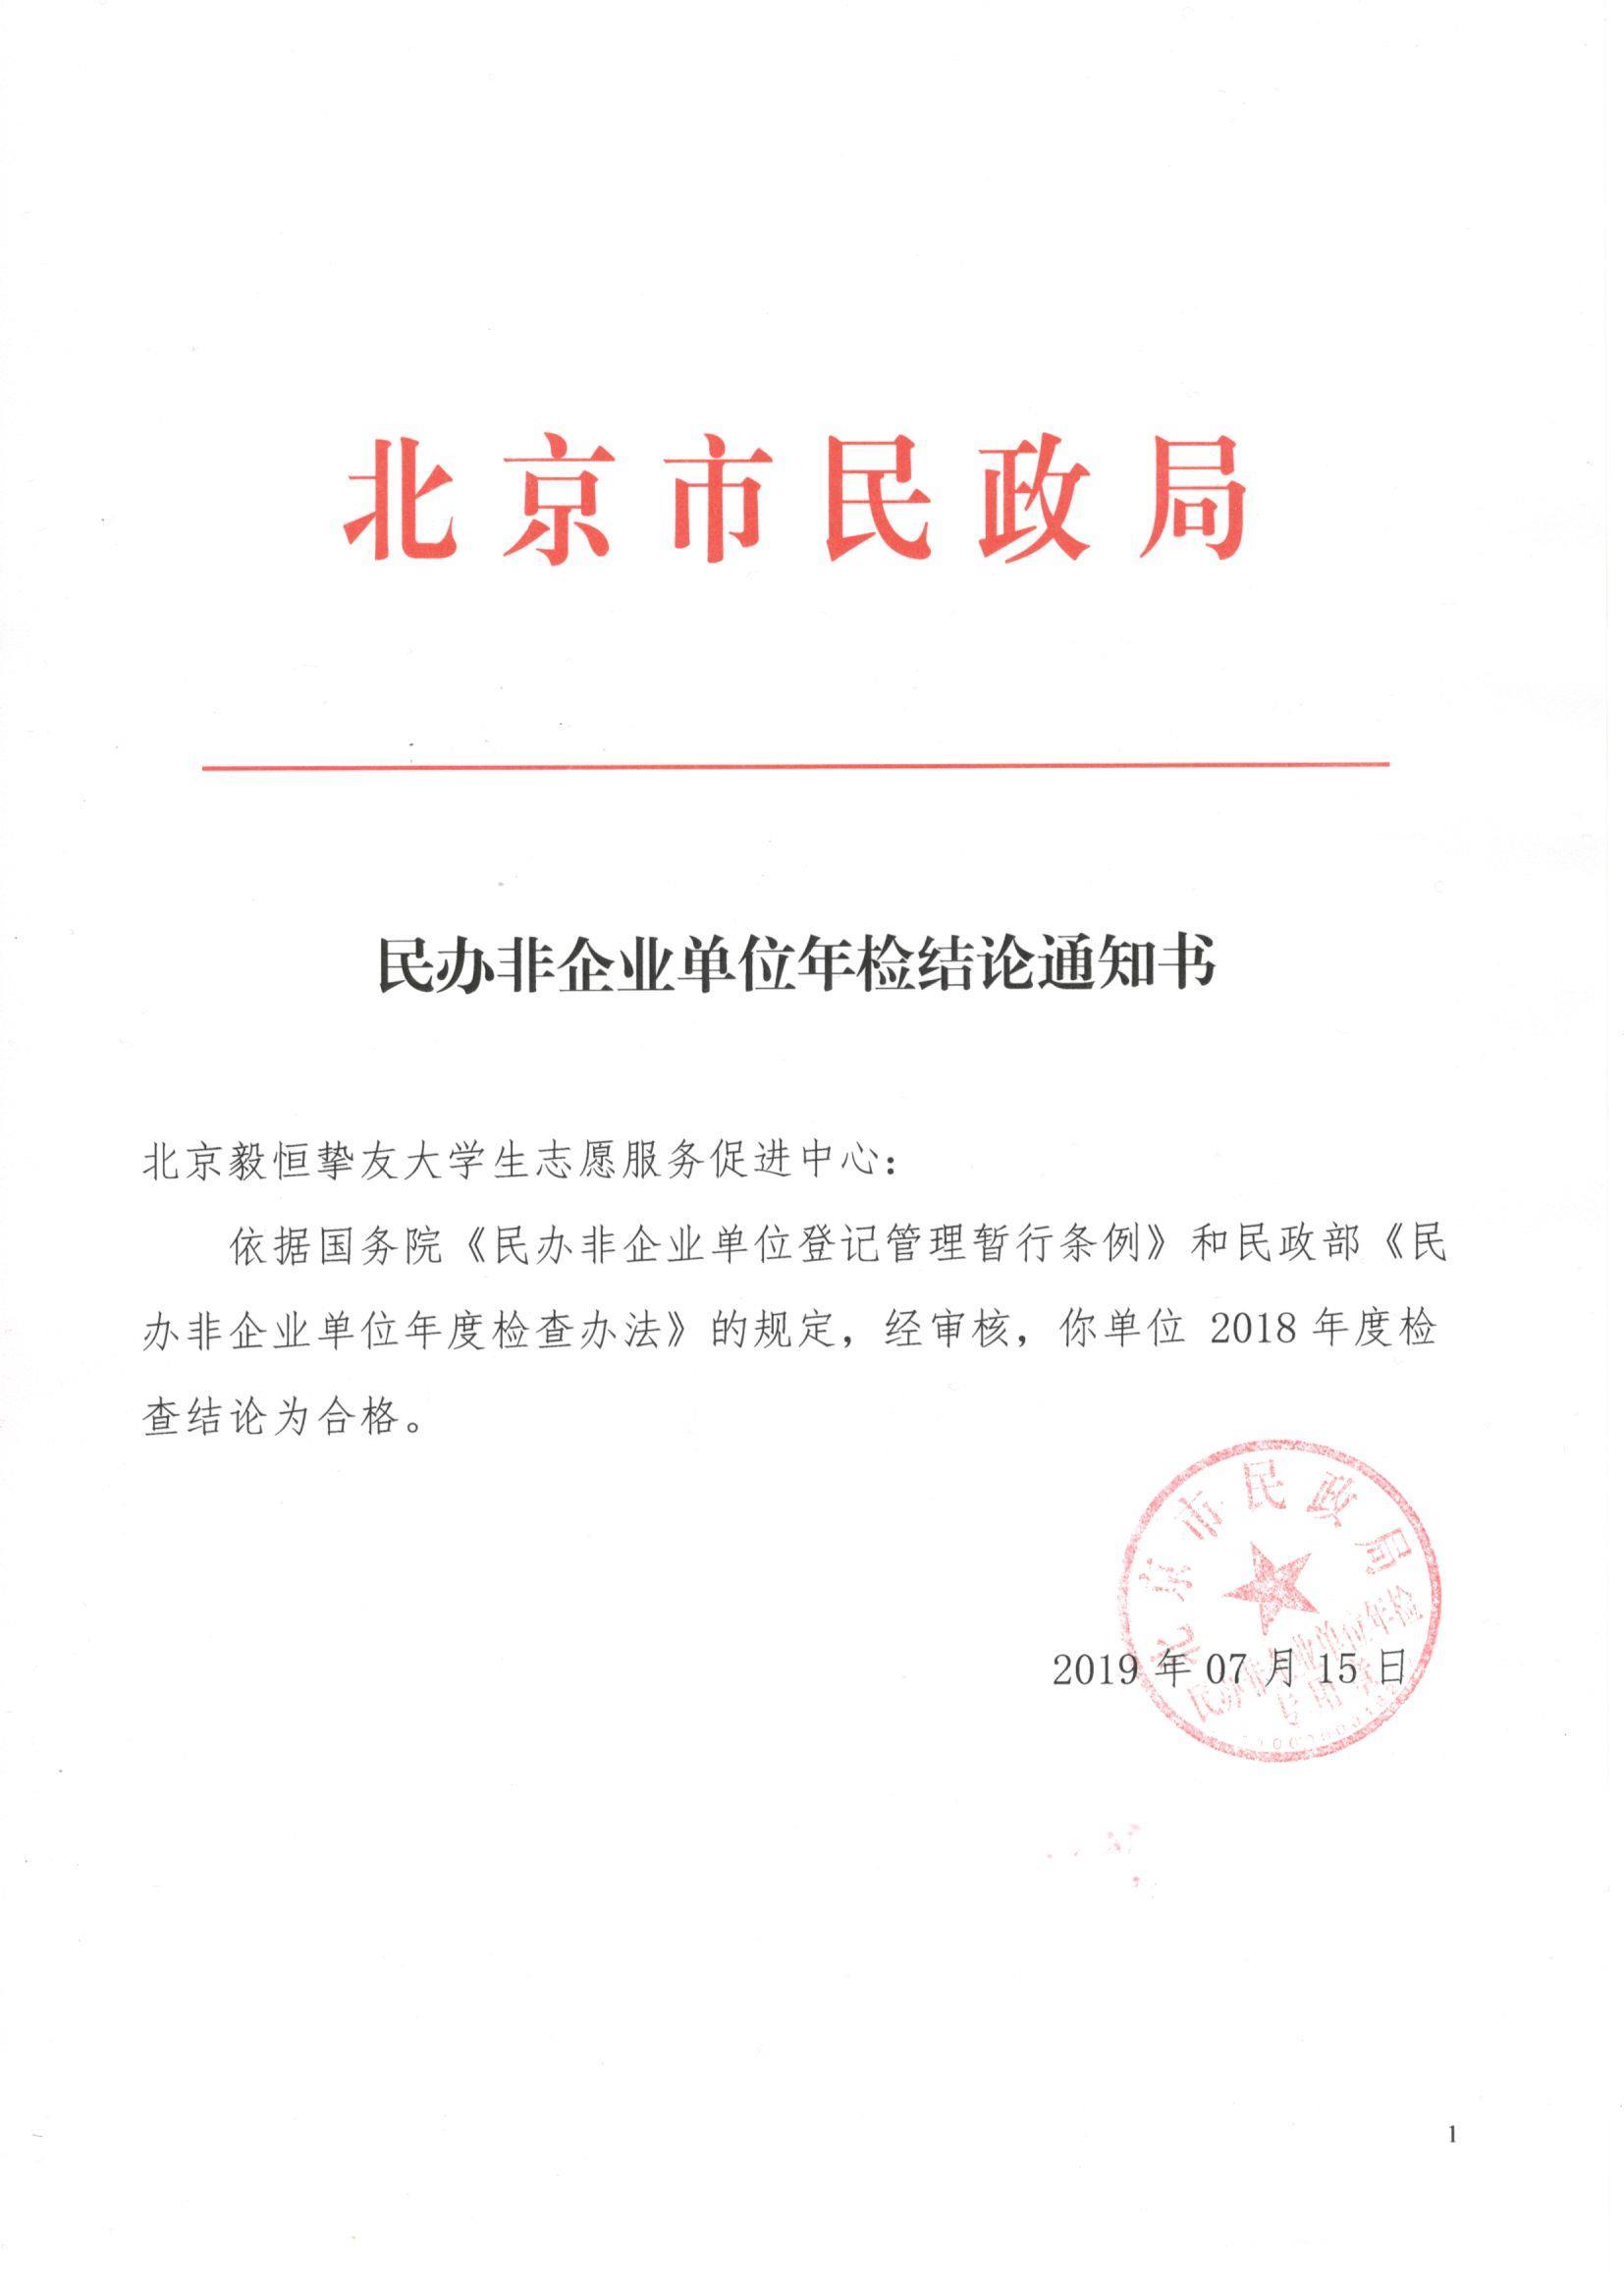 毅恒挚友2018年检结论通知书